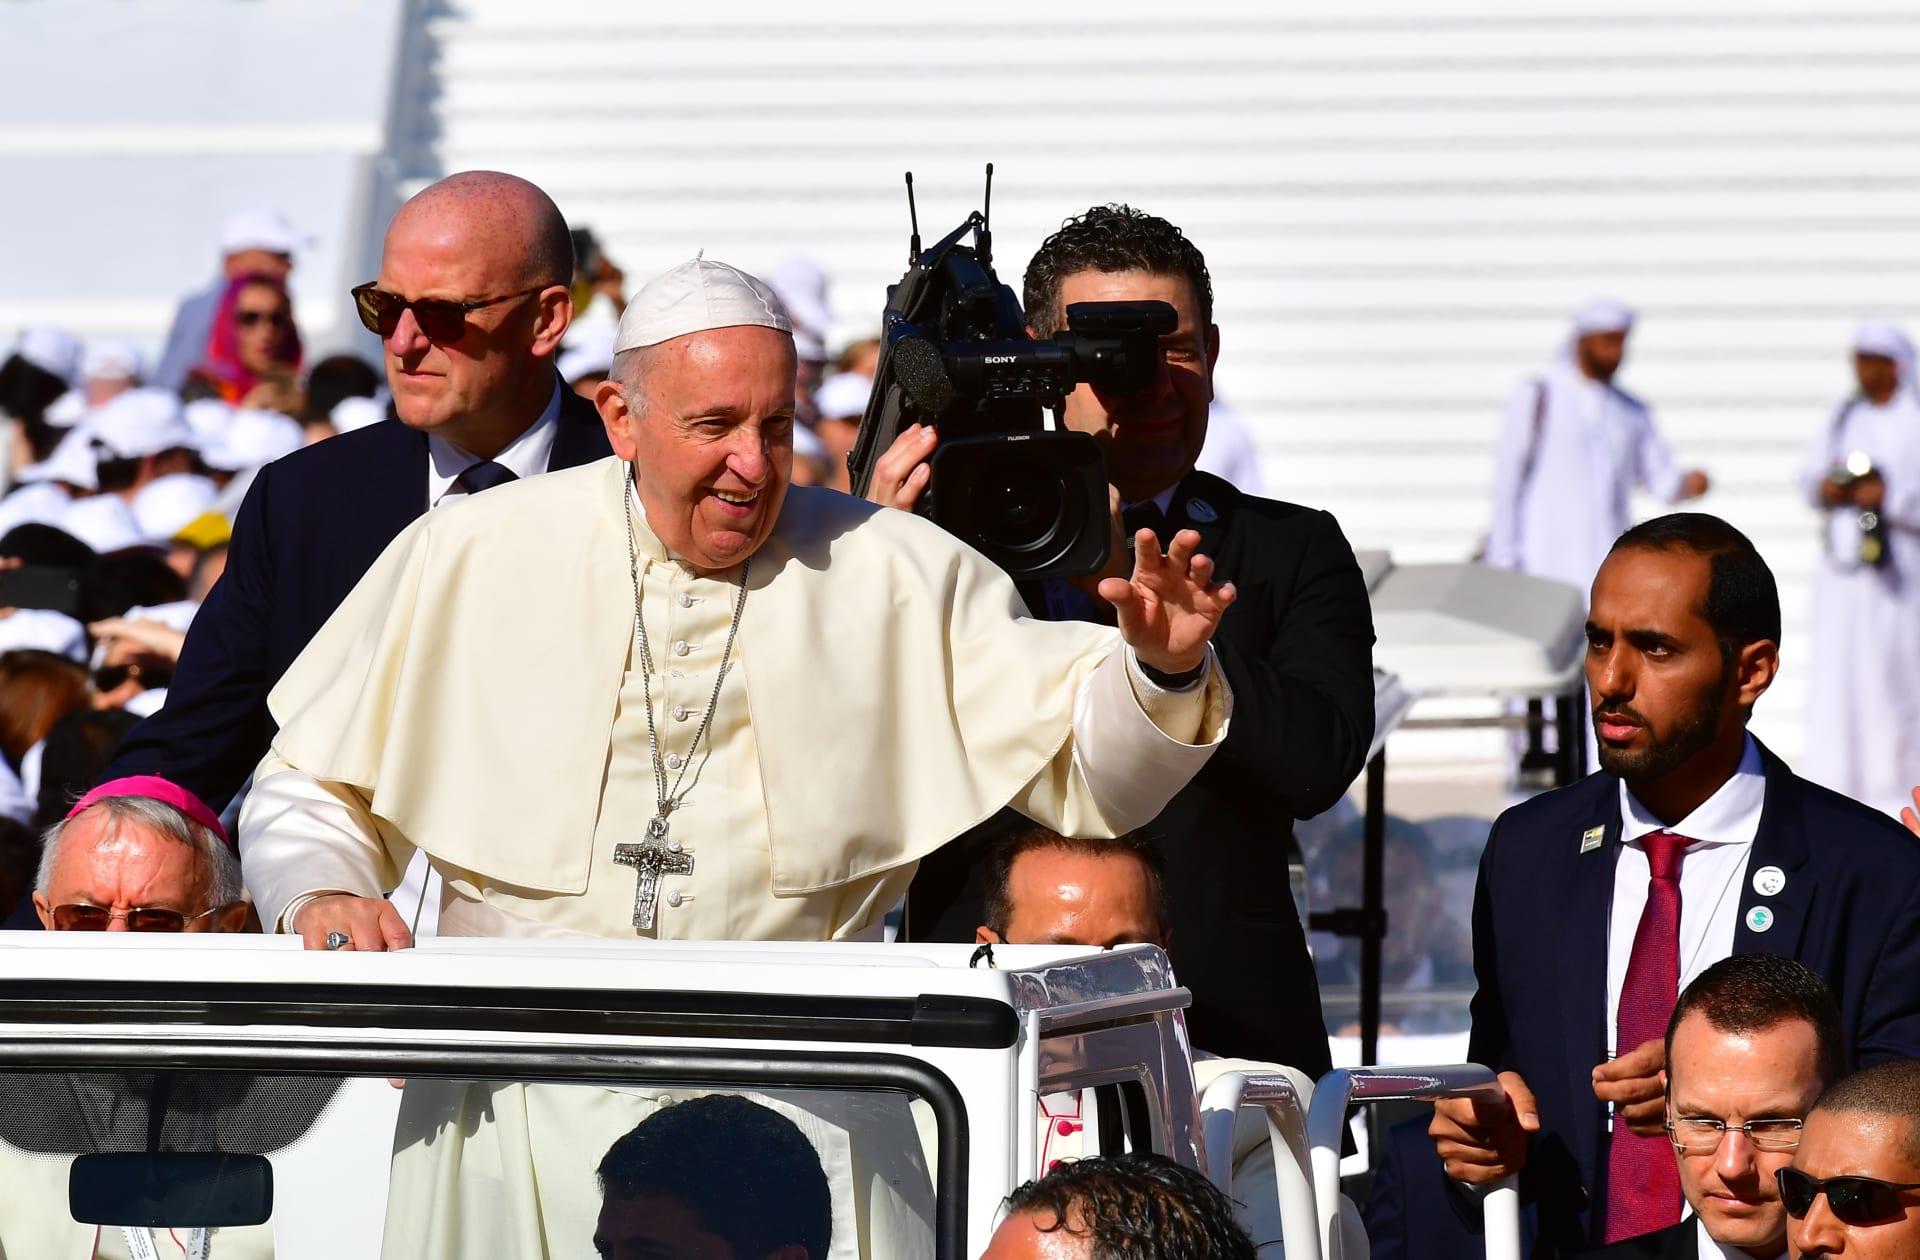 كيف تفاعل نجوم عرب مع زيارة البابا فرنسيس للإمارات؟